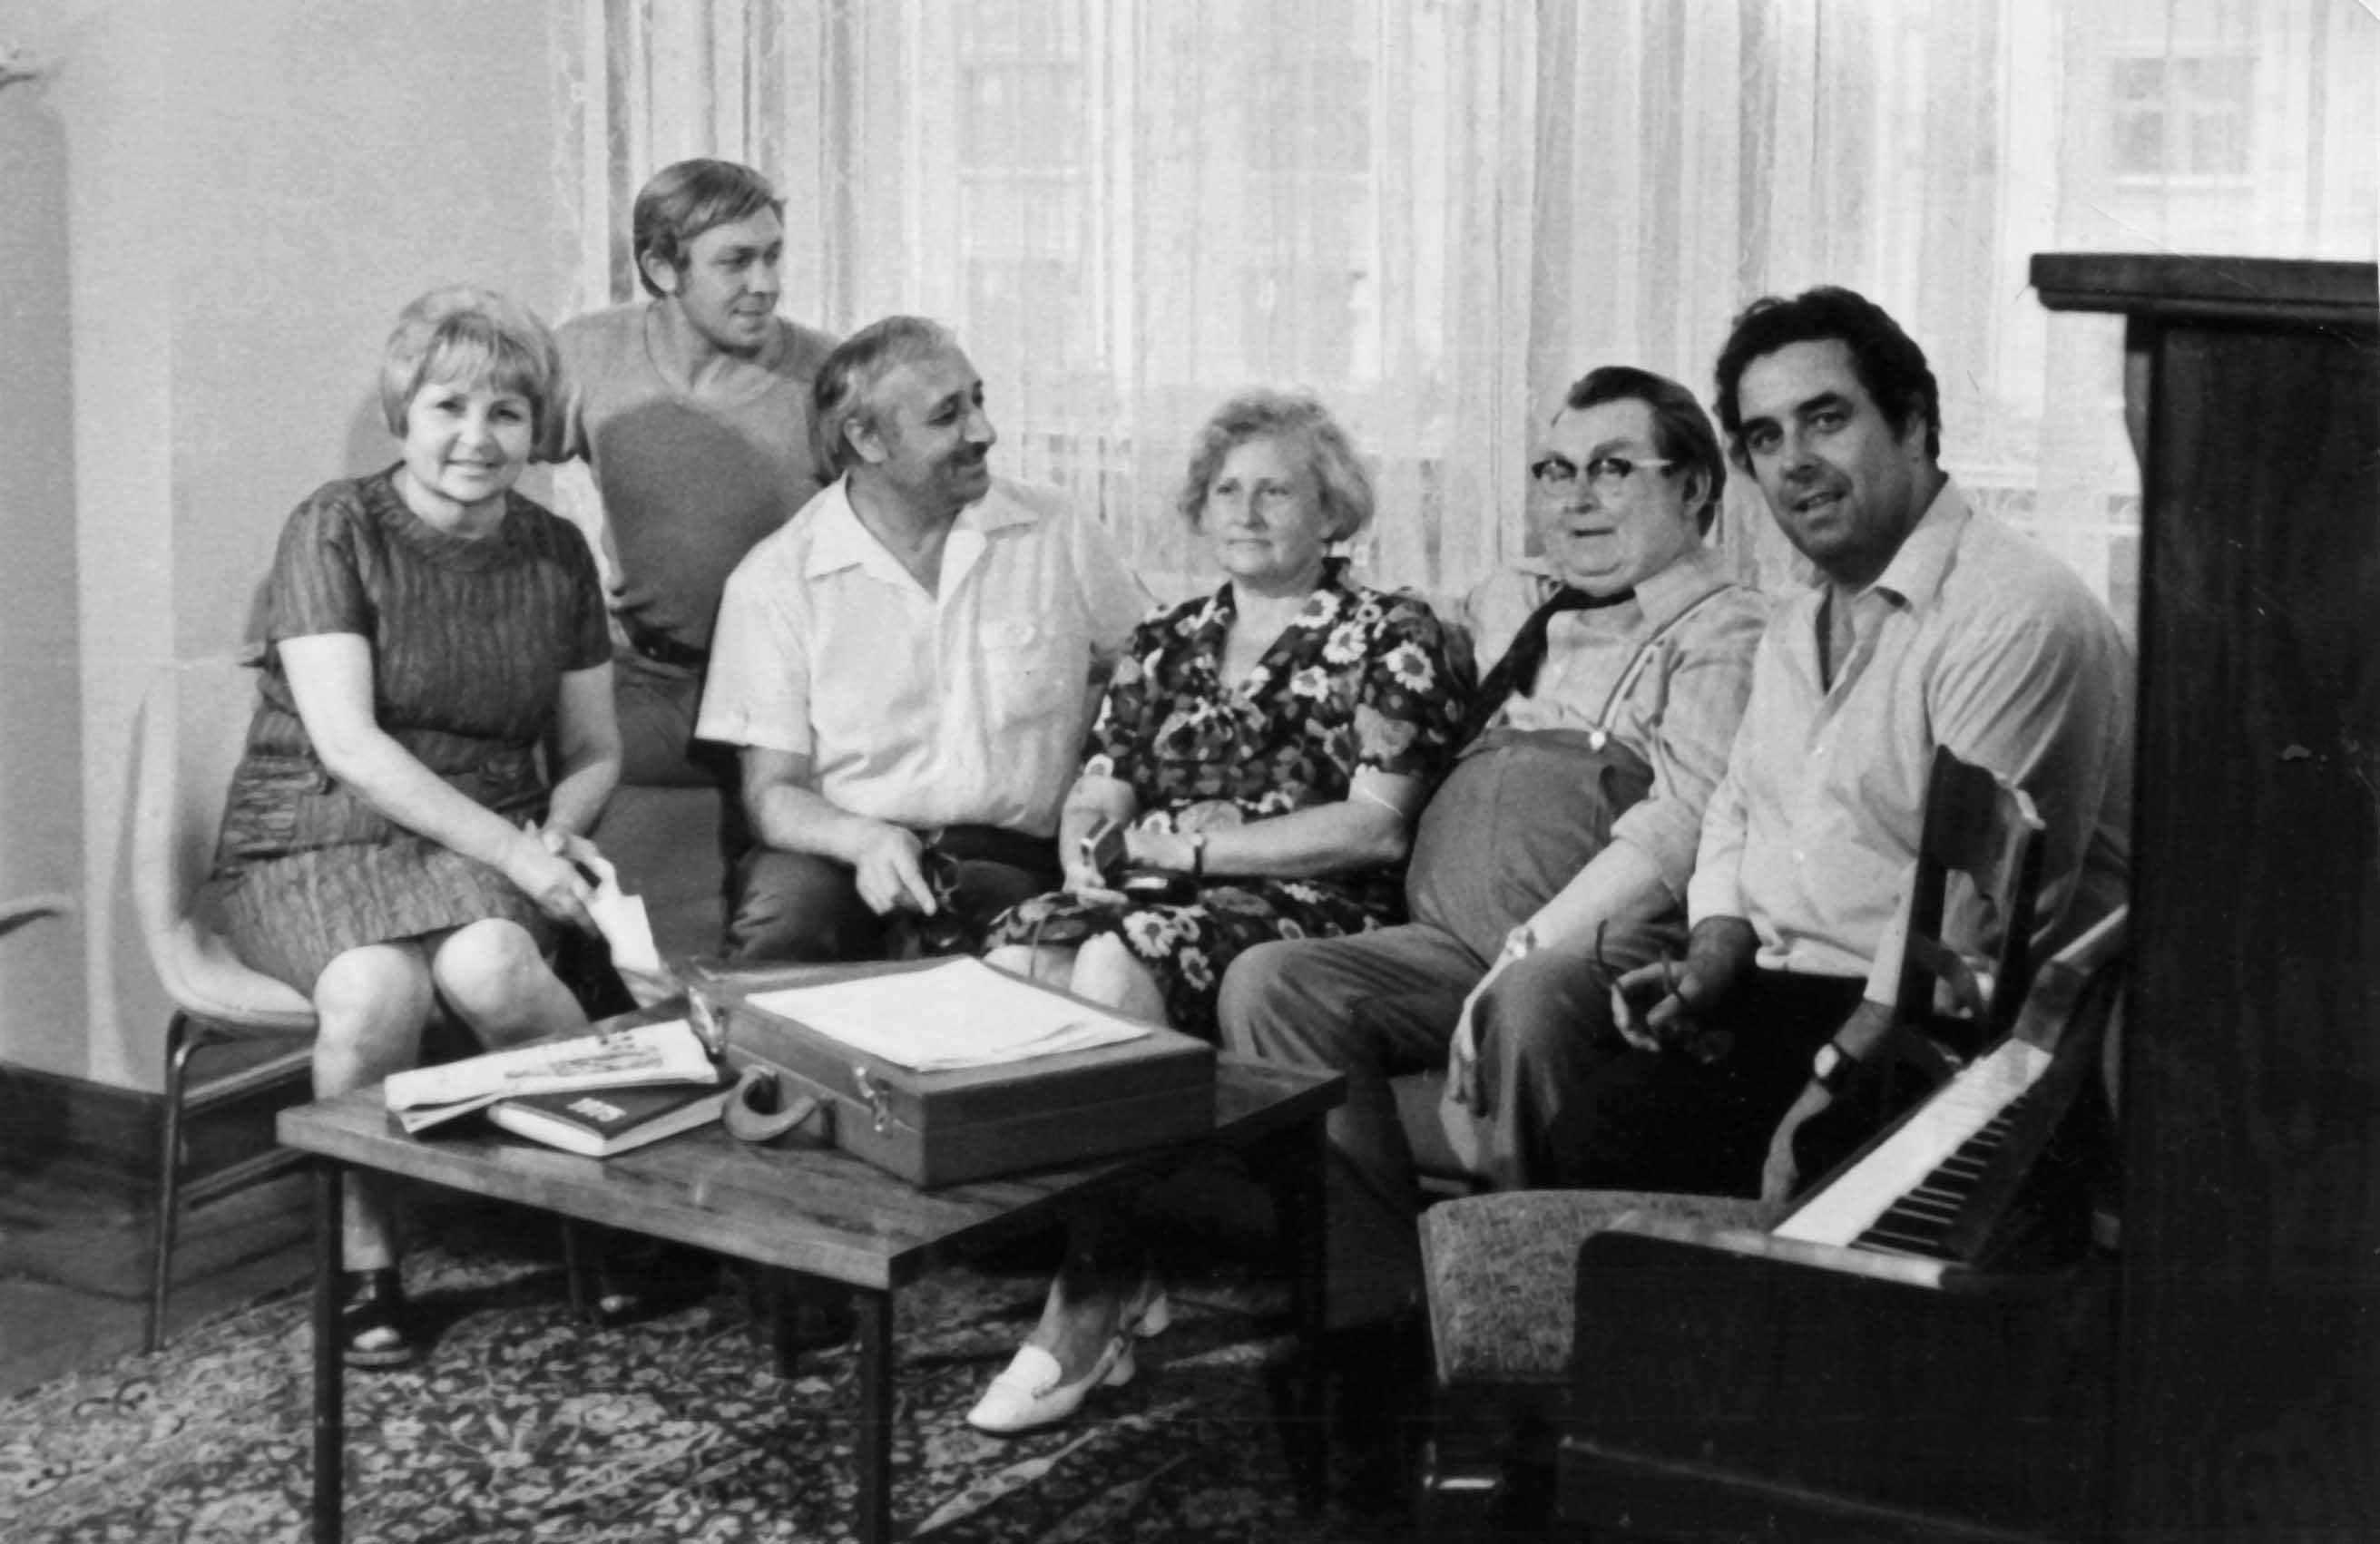 Экспонат #64. С композитором В.П. Соловьевым-Седым в гостинице «Москва».1975 год